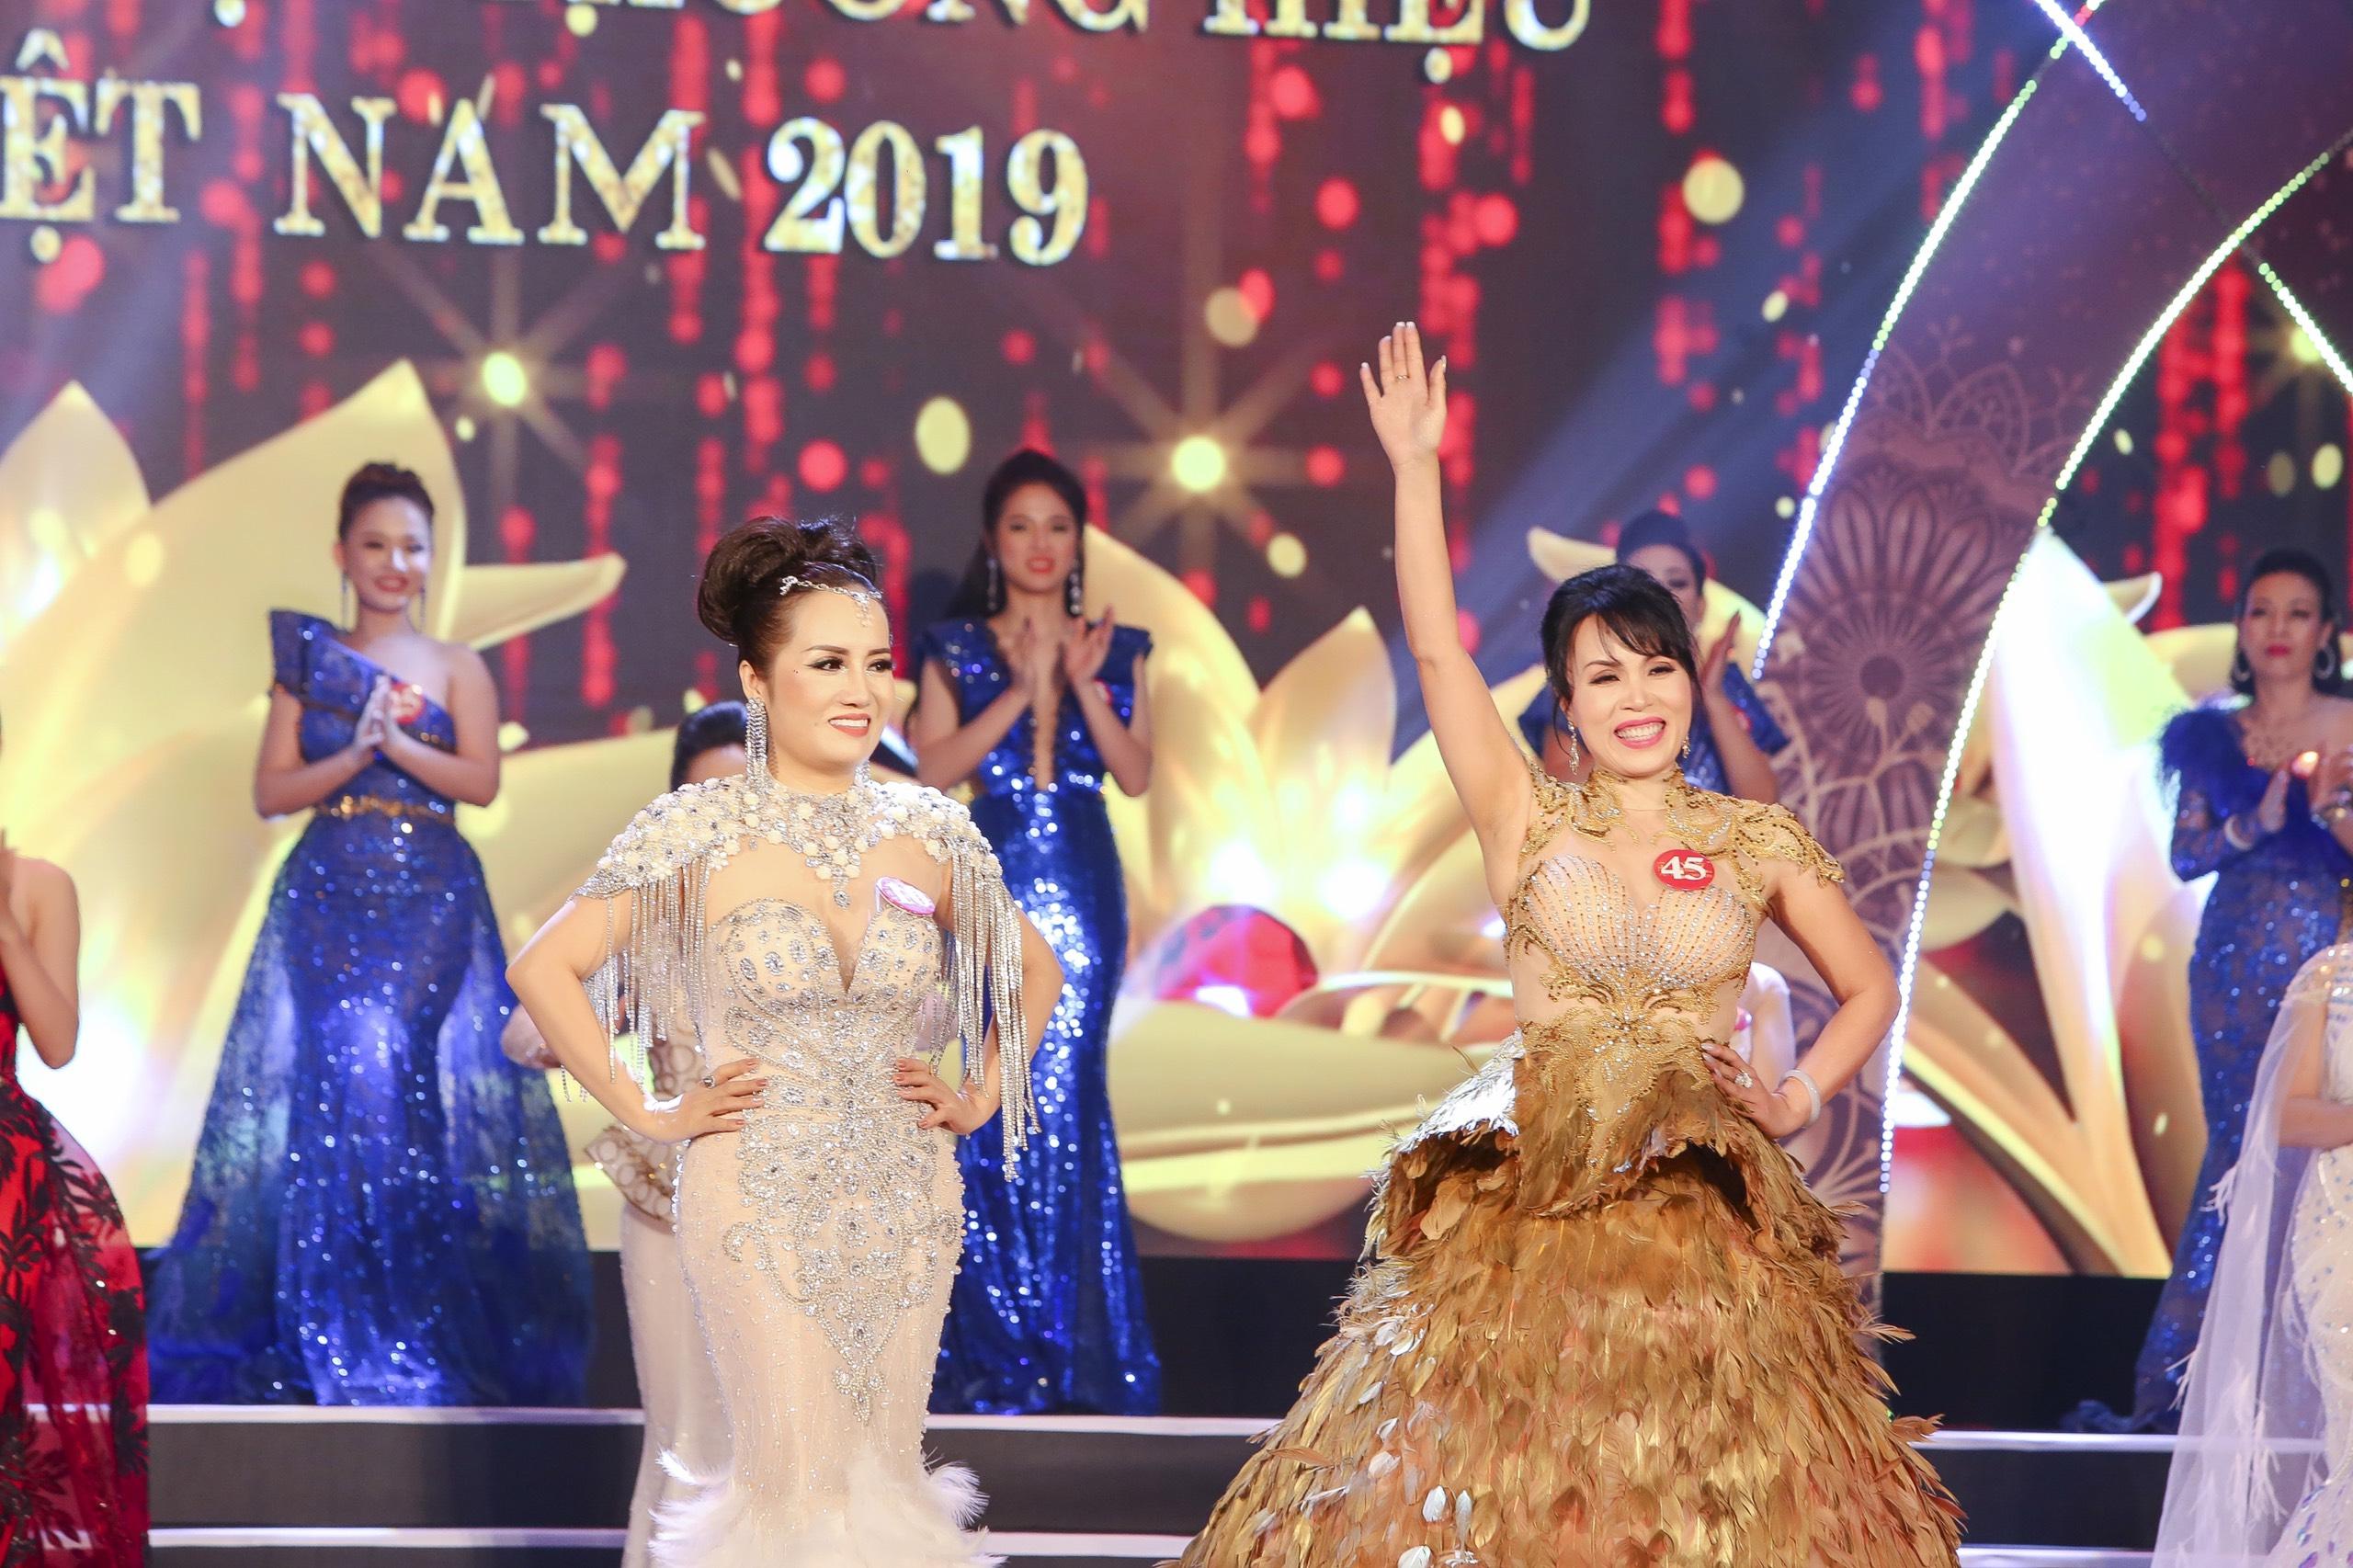 Nhiều sắc màu tại đêm tôn vinh Hoa hậu Thương hiệu Olivia tại Việt Nam 2019 - Ảnh 7